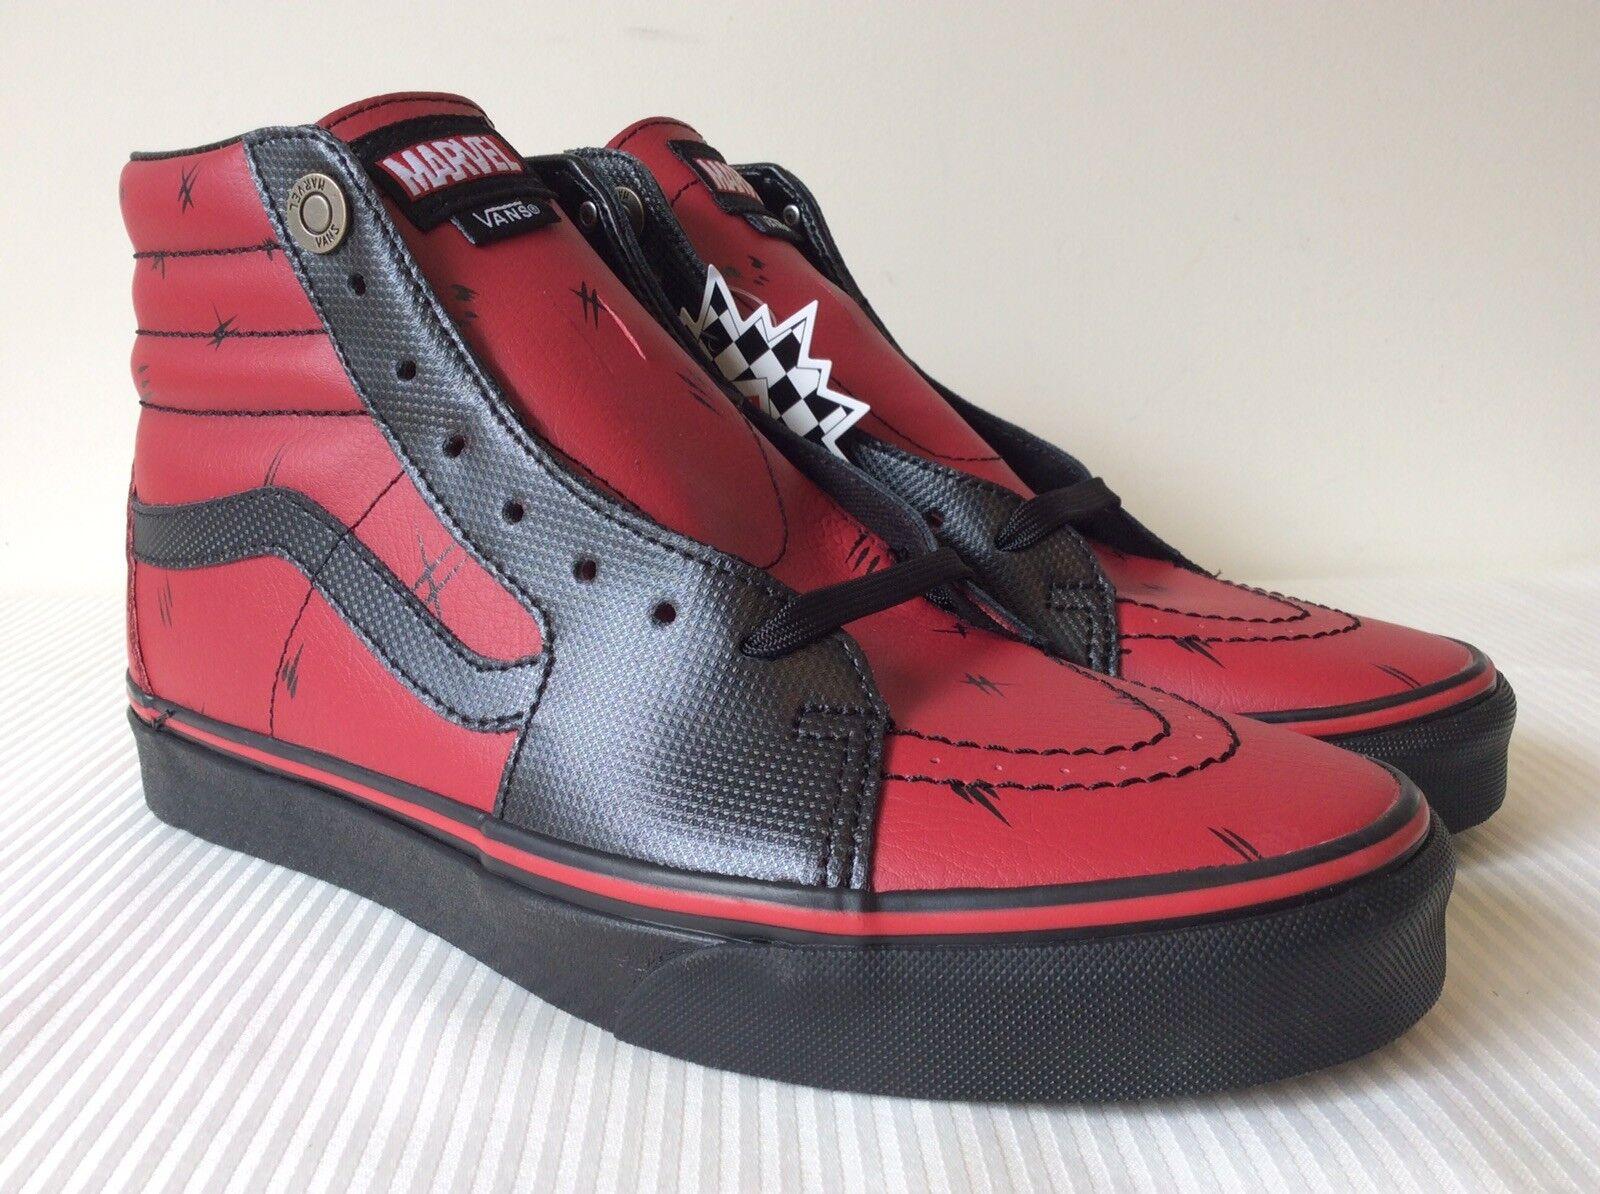 Vans x Marvel SK8-Hi Deadpool Black Sneakers VN0A38GEUBJ New W/Box DS Mens 9.5